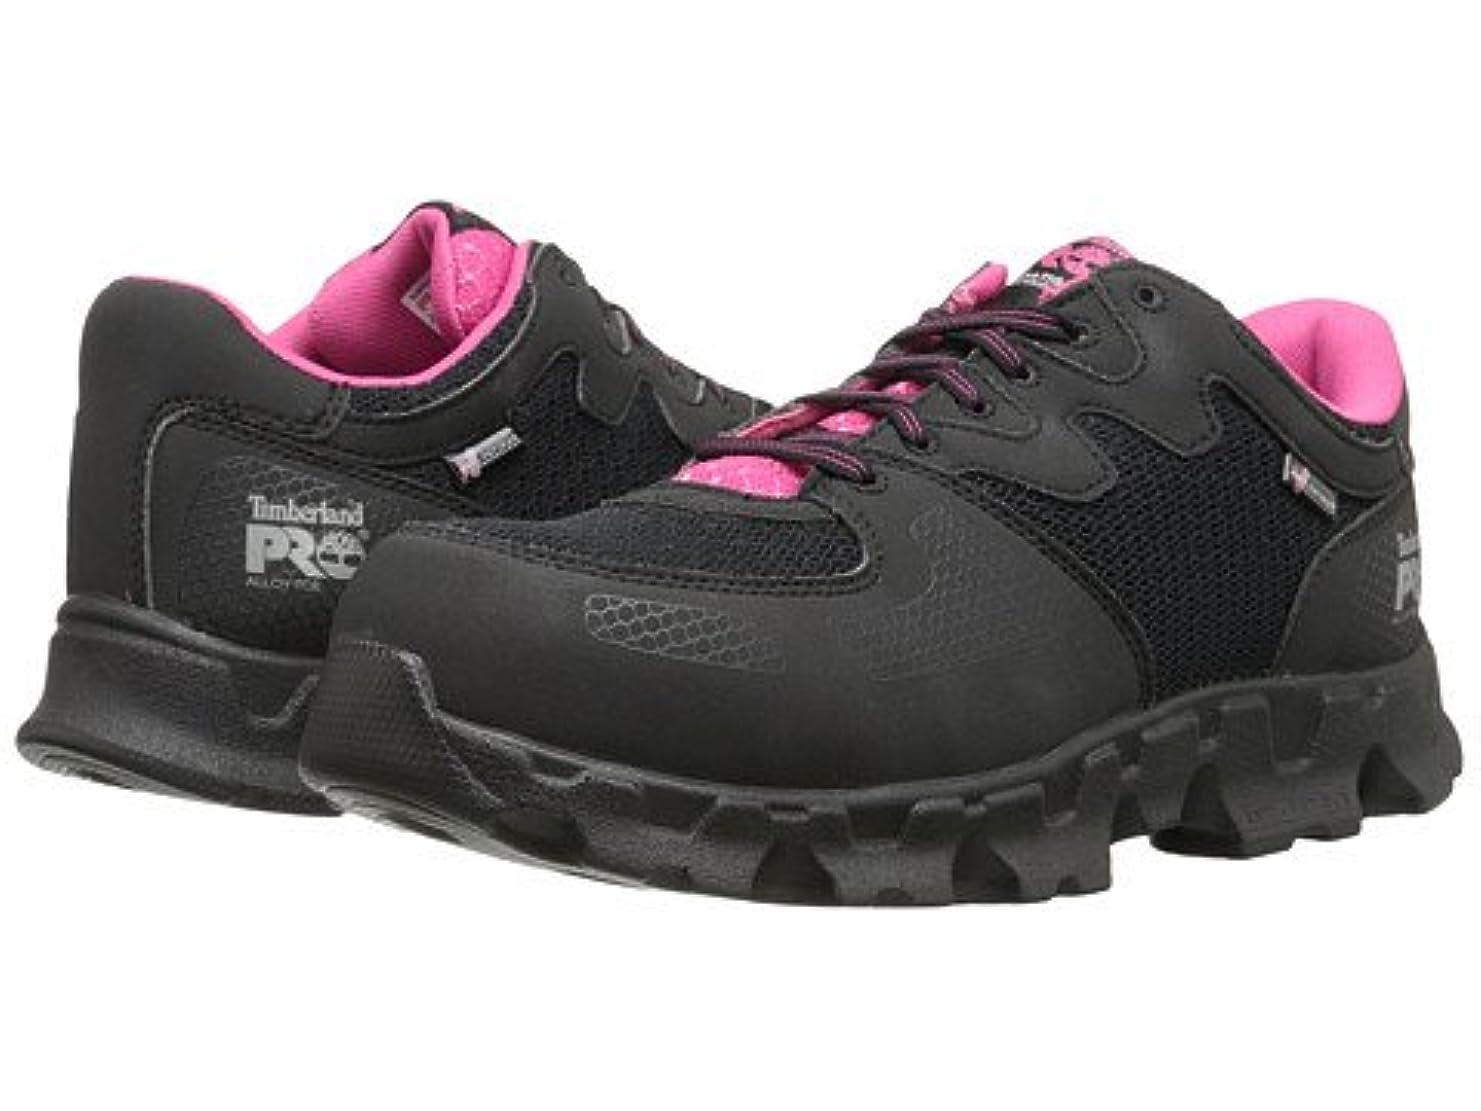 十分です透過性センチメンタルレディースウォーキングシューズ?カジュアルスニーカー?靴 Powertrain Alloy Toe ESD Black/Pink 5.5 22.5cm B - Medium [並行輸入品]